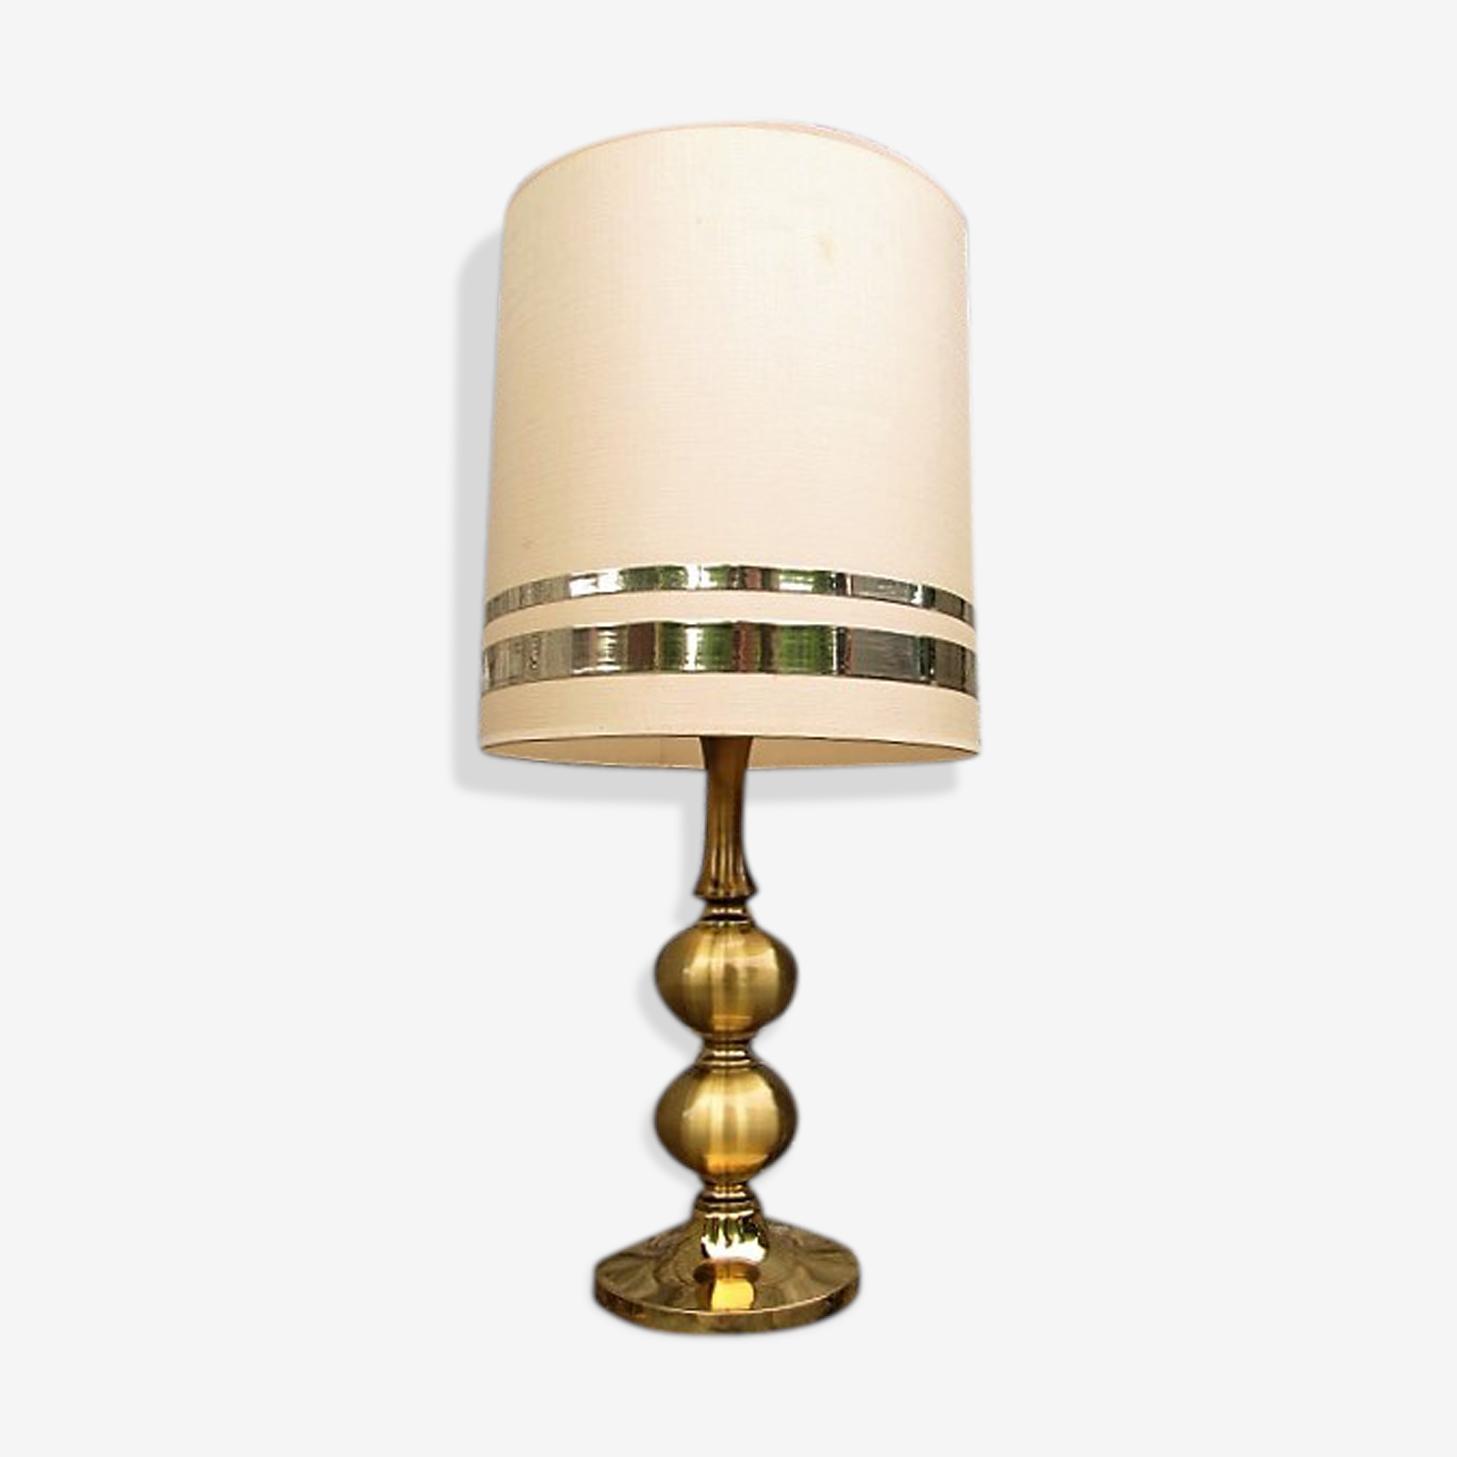 Lampe vintage en laiton doré Circa 1970.